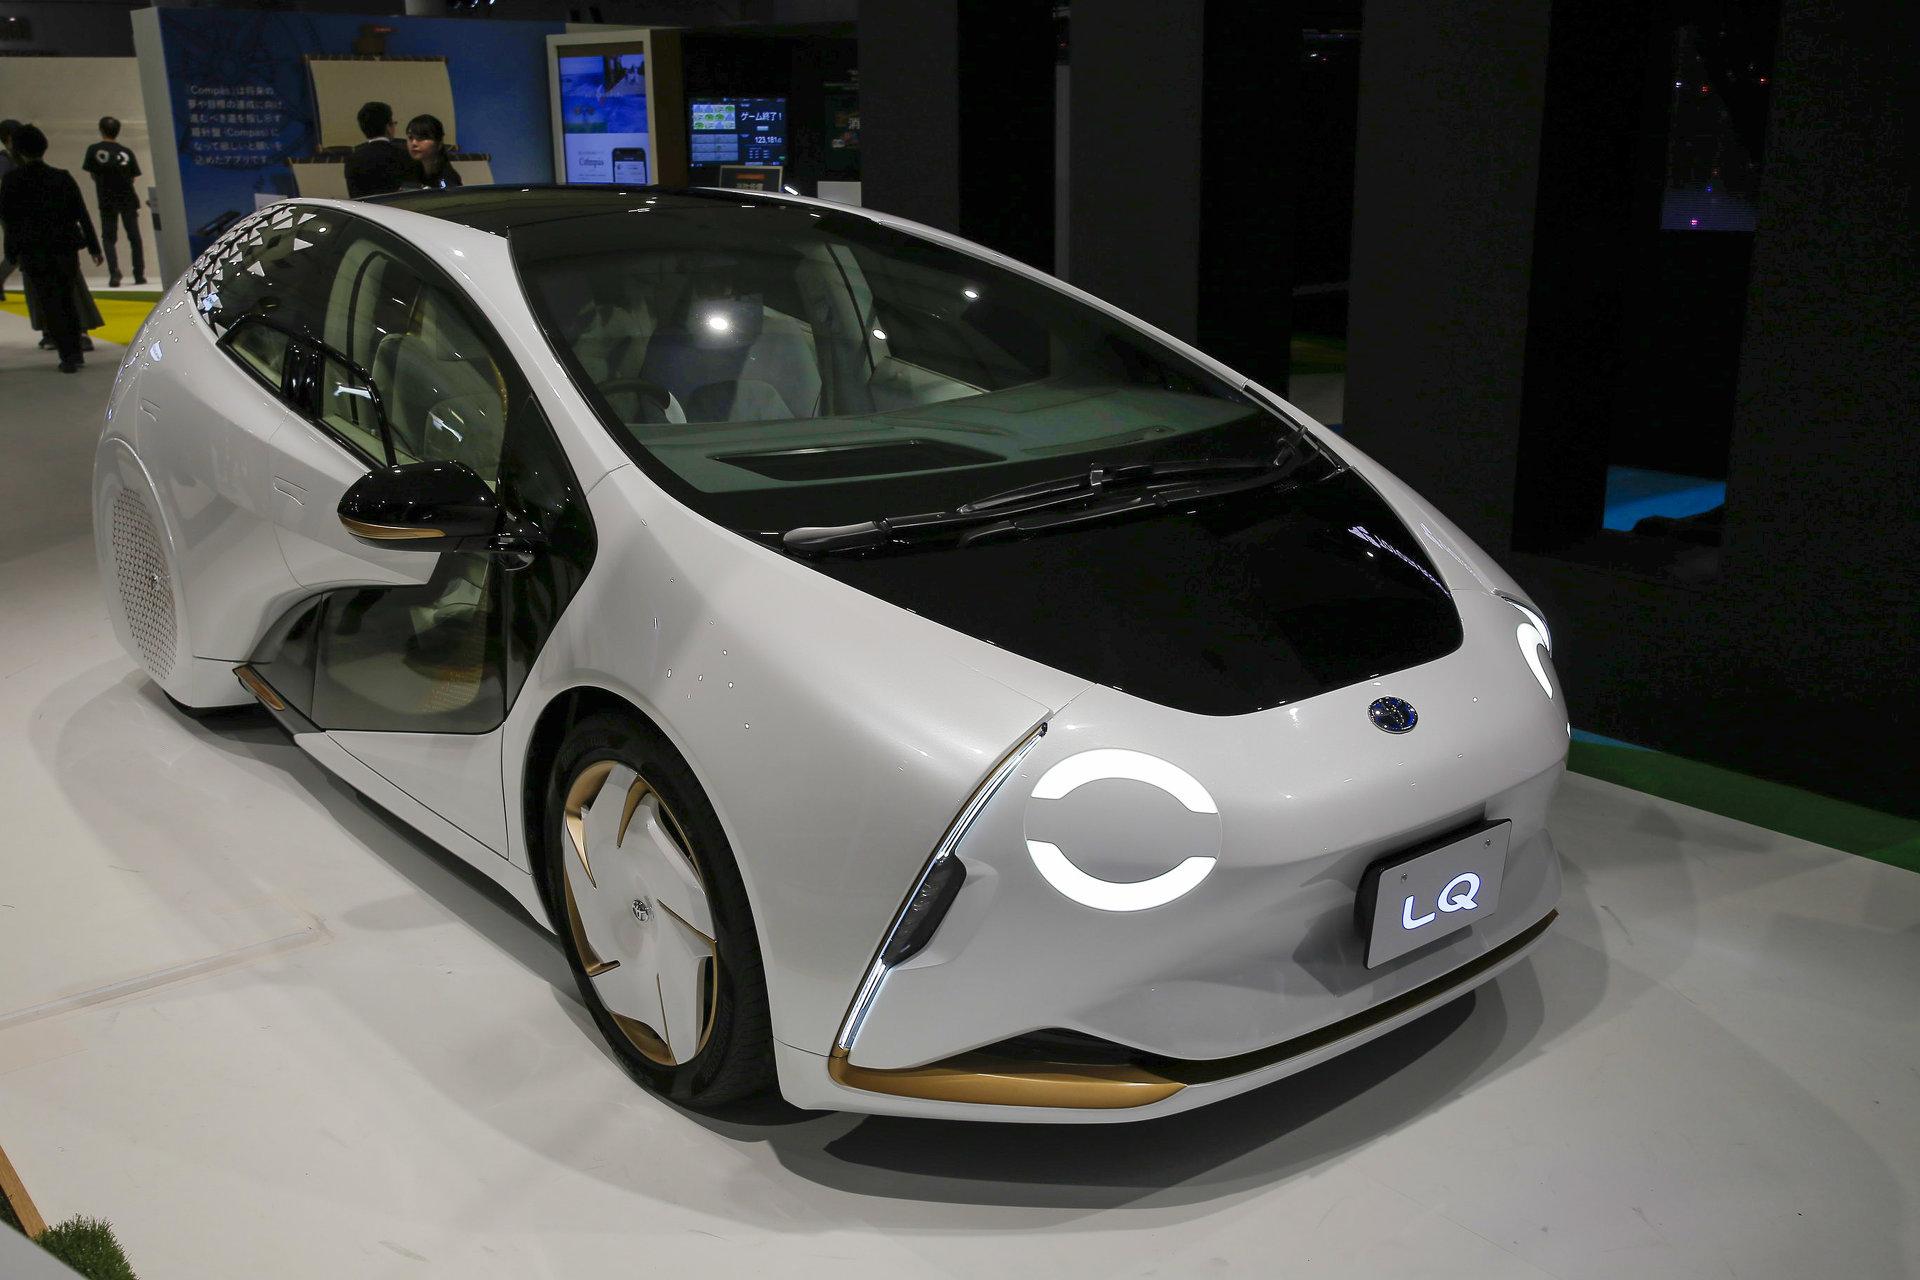 トヨタ、AIとレベル4自動運転を搭載したコンセプトカーを公開 2020年には公道で体験イベントも